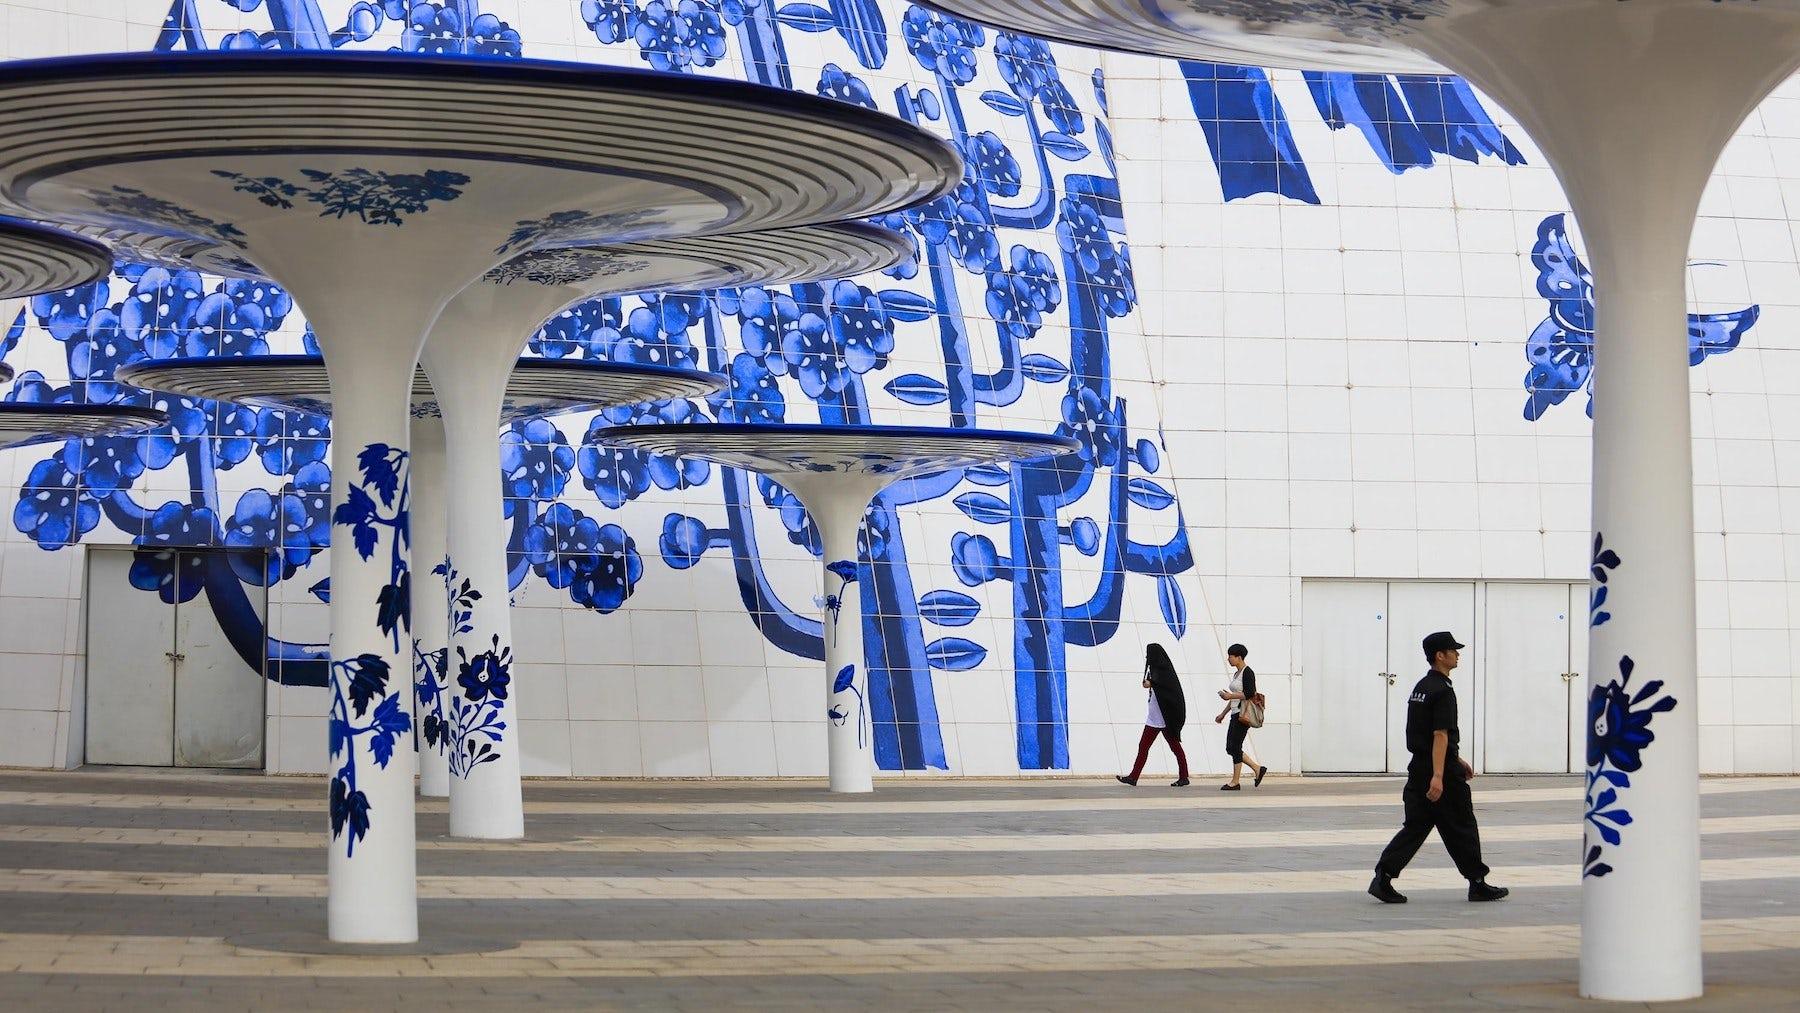 The Wanda Plaza mall in Nanchang | Source: Shutterstock